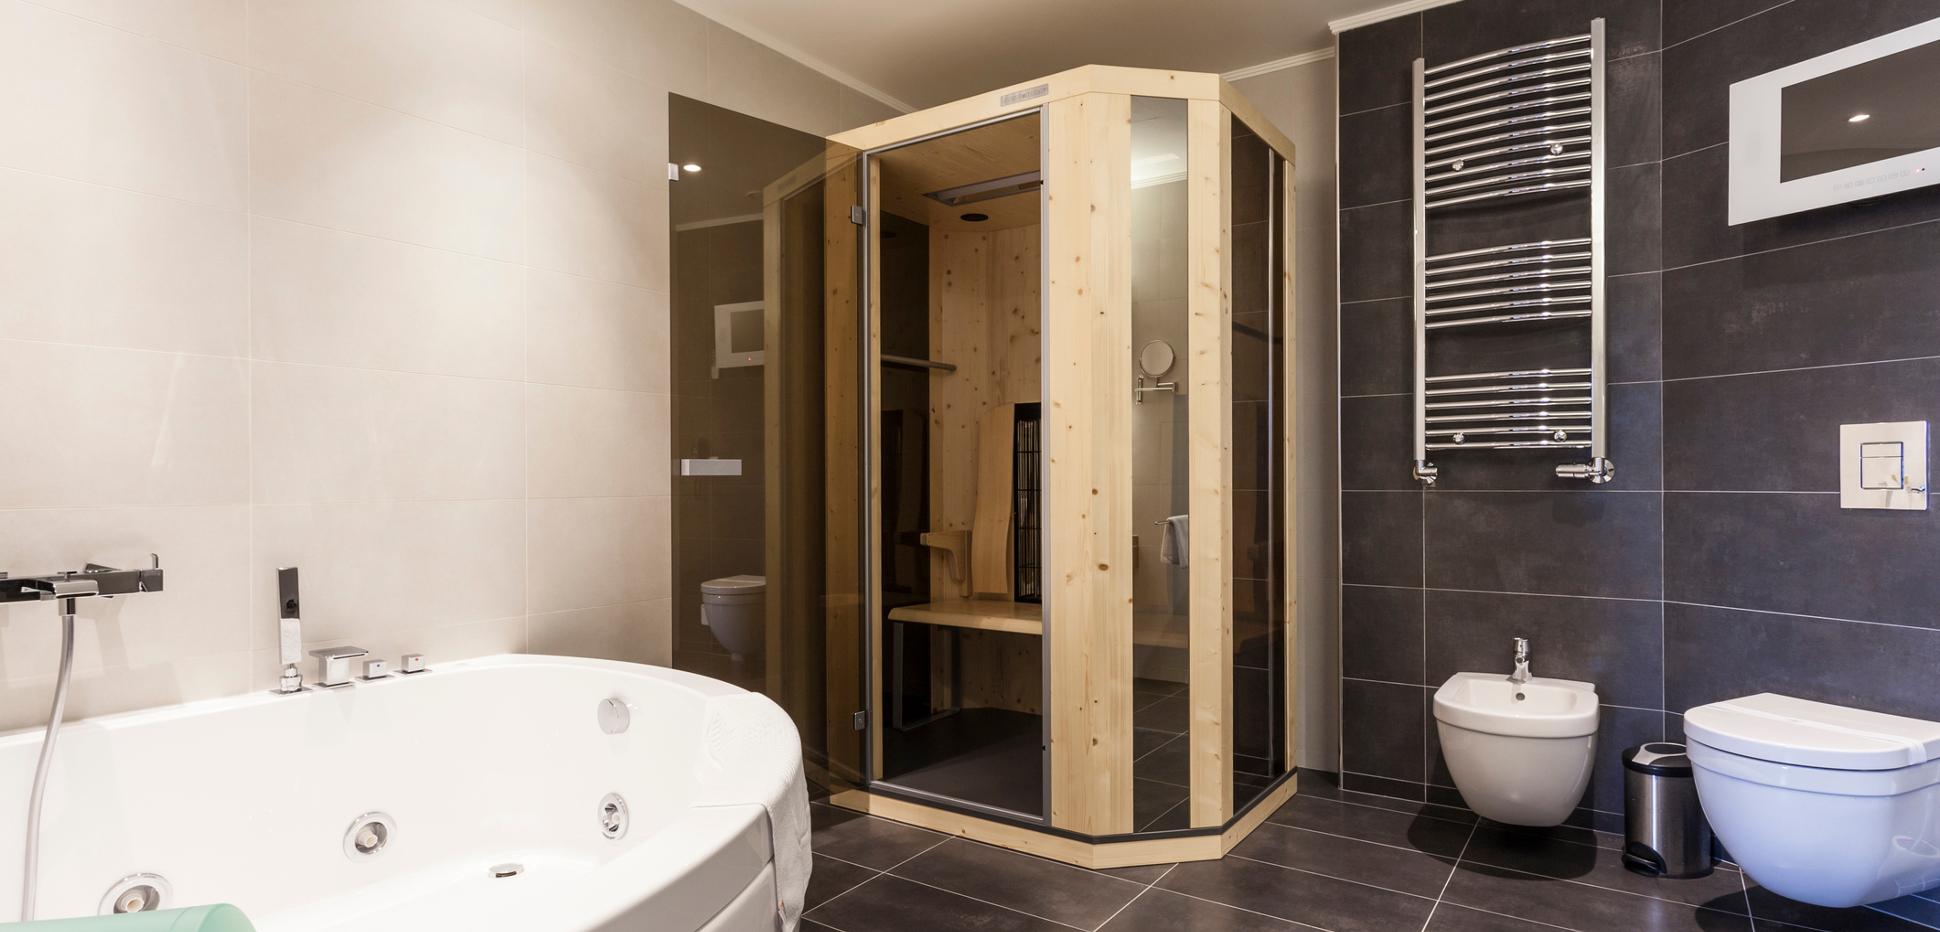 Eigene Sauna im Bad: Darauf müssen Sie achten